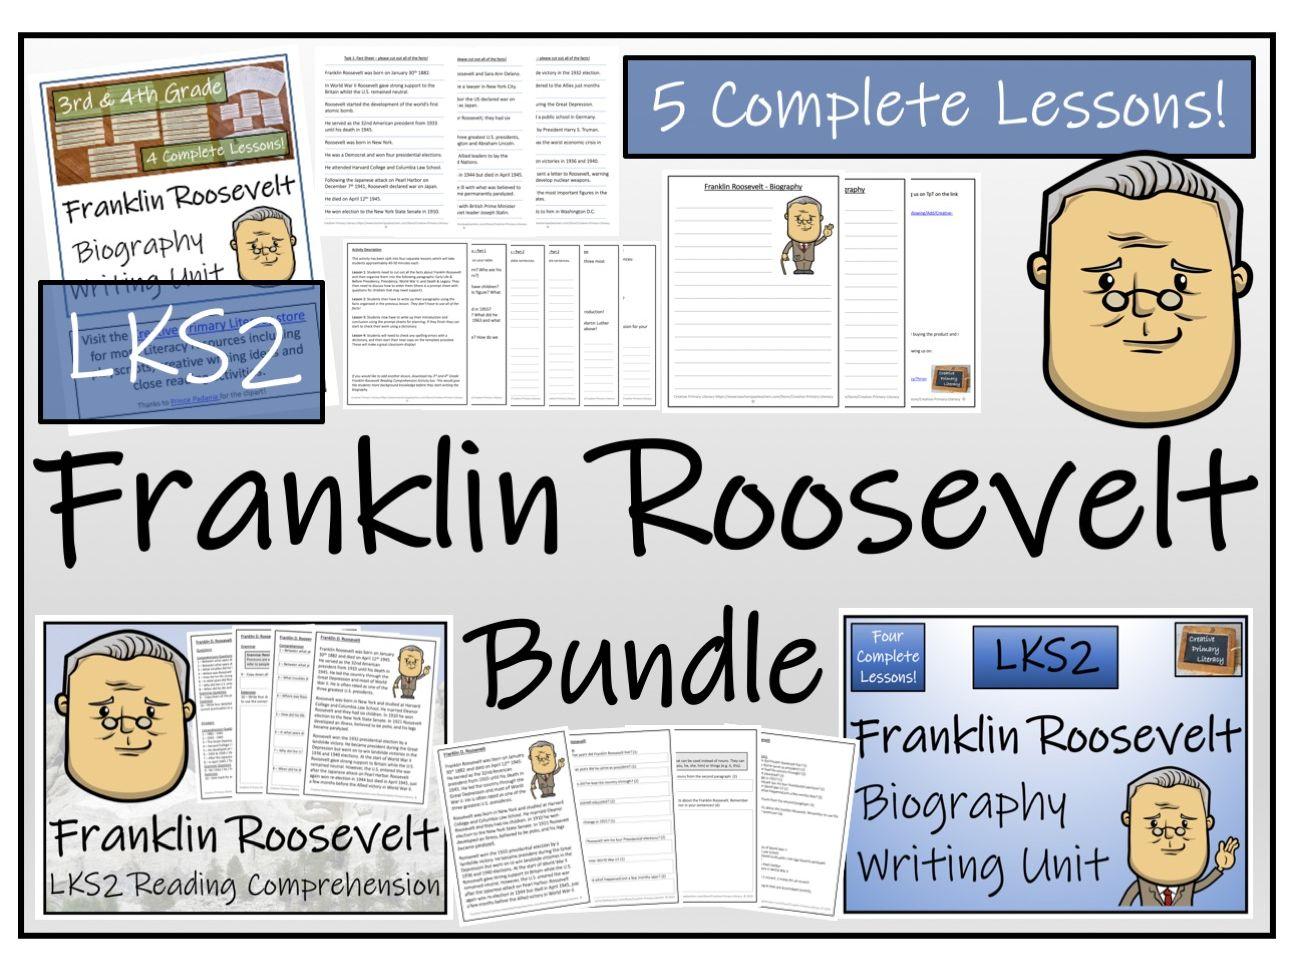 LKS2 History - Franklin Roosevelt Reading Comprehension & Biography Bundle